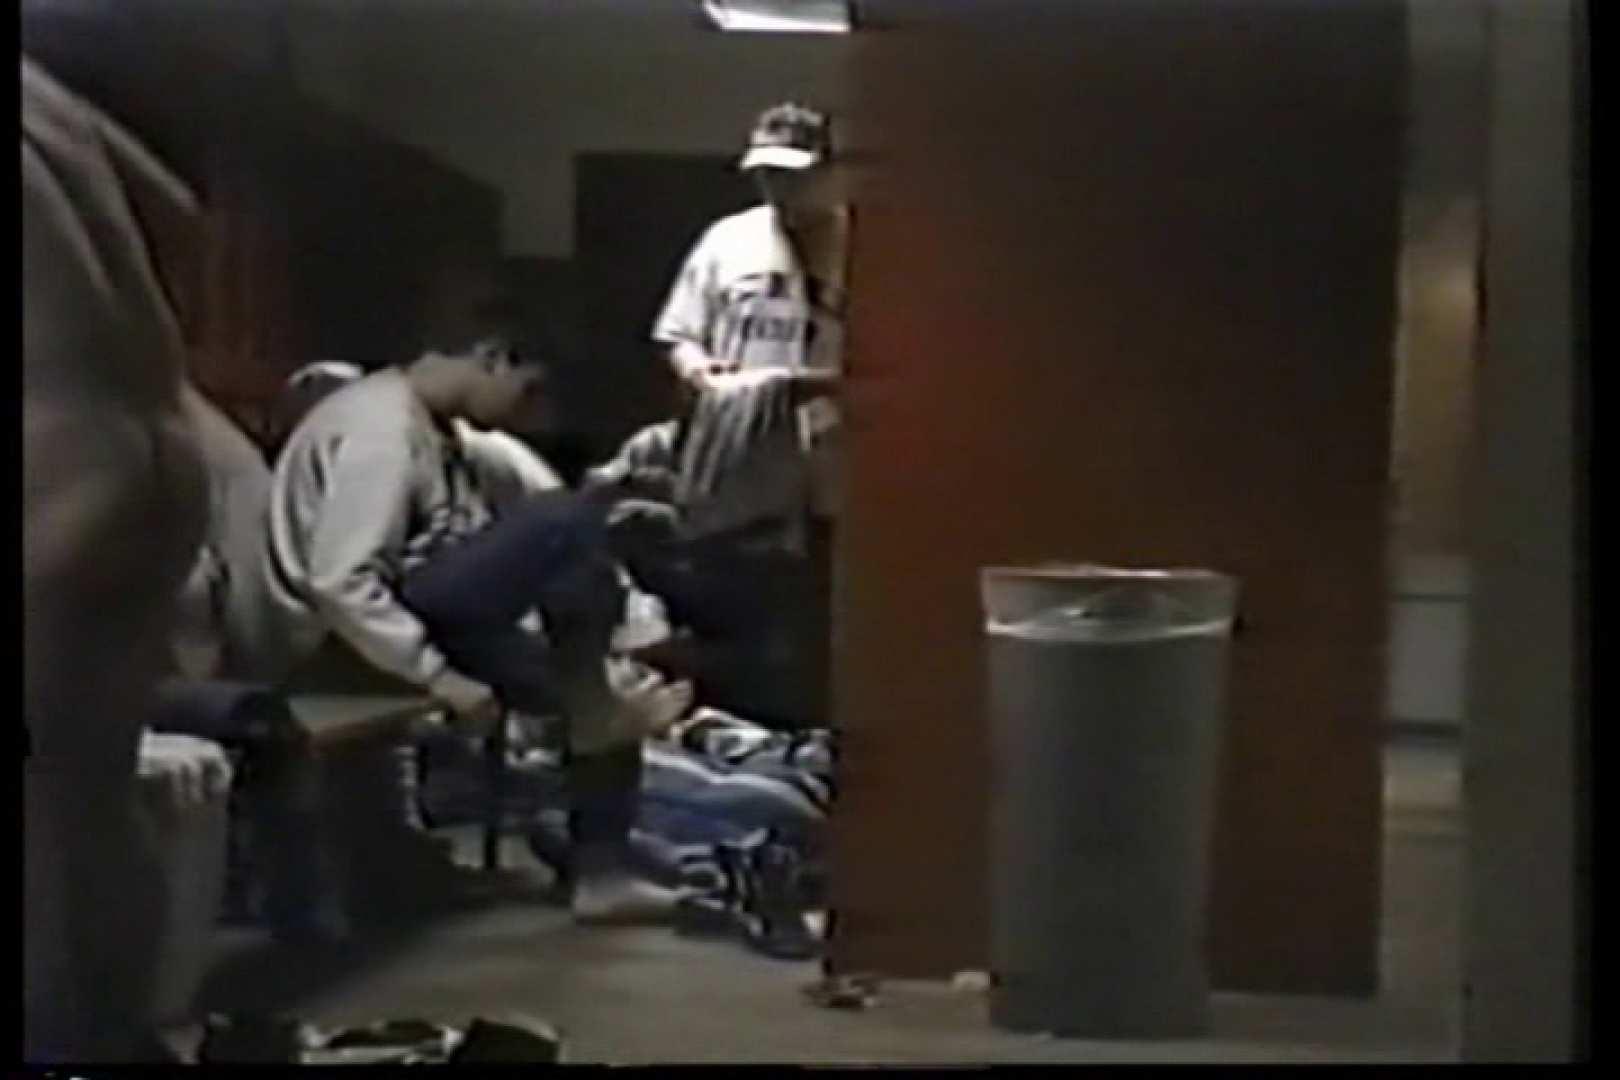 洋人さんの脱衣所を覗いてみました。VOL.3 男・男・男 男同士動画 92枚 86